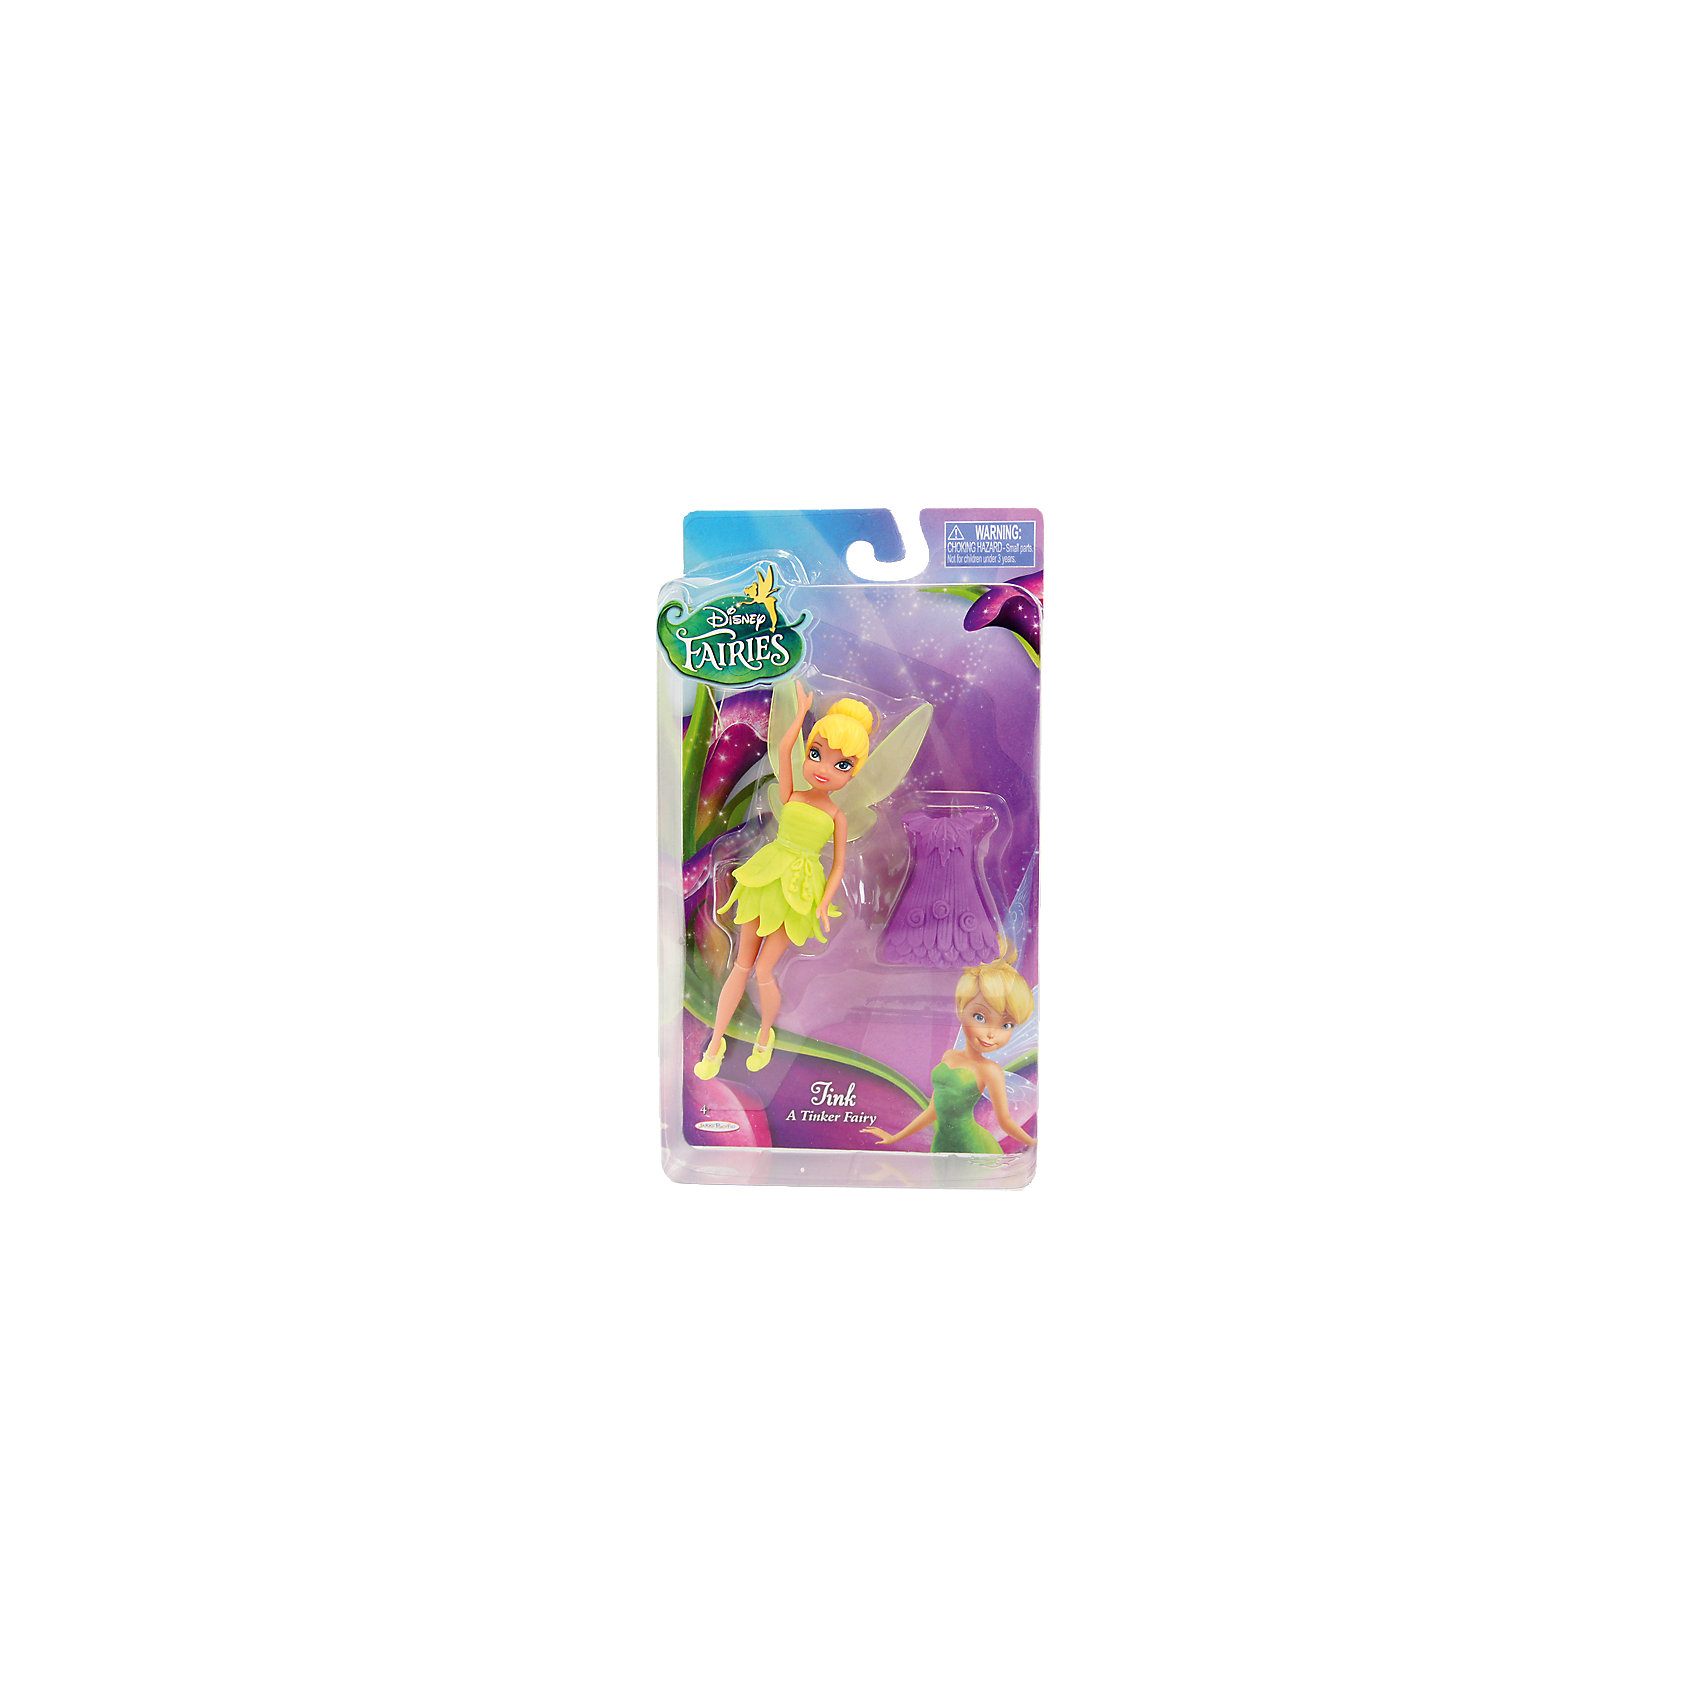 Мини-кукла Фея с дополнительным  платьем, Феи ДиснейВ набор входит одна фея из серии Дисней «Волшебные феи» и одно дополнительное платье.  <br>Кукла фея Динь-Динь – или Тинкербелл – одета в зеленое платьице, а в комплекте идет фиолетовое. Серебрянка – фея воды, на ней платье голубого цвета модного покроя, а дополнительное платье – розовое. Розетта одета в красное платье.<br><br>Дополнительная информация:<br><br>В комплекте дополнительное платье<br>У куколок подвижные ручки и ножки<br>Высота фигурок – 11 см.<br><br>ВНИМАНИЕ! Данный артикул представлен в разных вариантах исполнения (три набора на выбор - с Динь-Динь, Розеттой или Серебрянкой). К сожалению, заранее выбрать определенный вариант невозможно. При заказе нескольких кукол возможно получение одинаковых.<br><br>Мини-куклу Фея с дополнительным  платьем, Disney Fairies можно купить в нашем магазине.<br><br>Ширина мм: 115<br>Глубина мм: 205<br>Высота мм: 45<br>Вес г: 95<br>Возраст от месяцев: 36<br>Возраст до месяцев: 84<br>Пол: Женский<br>Возраст: Детский<br>SKU: 4135934